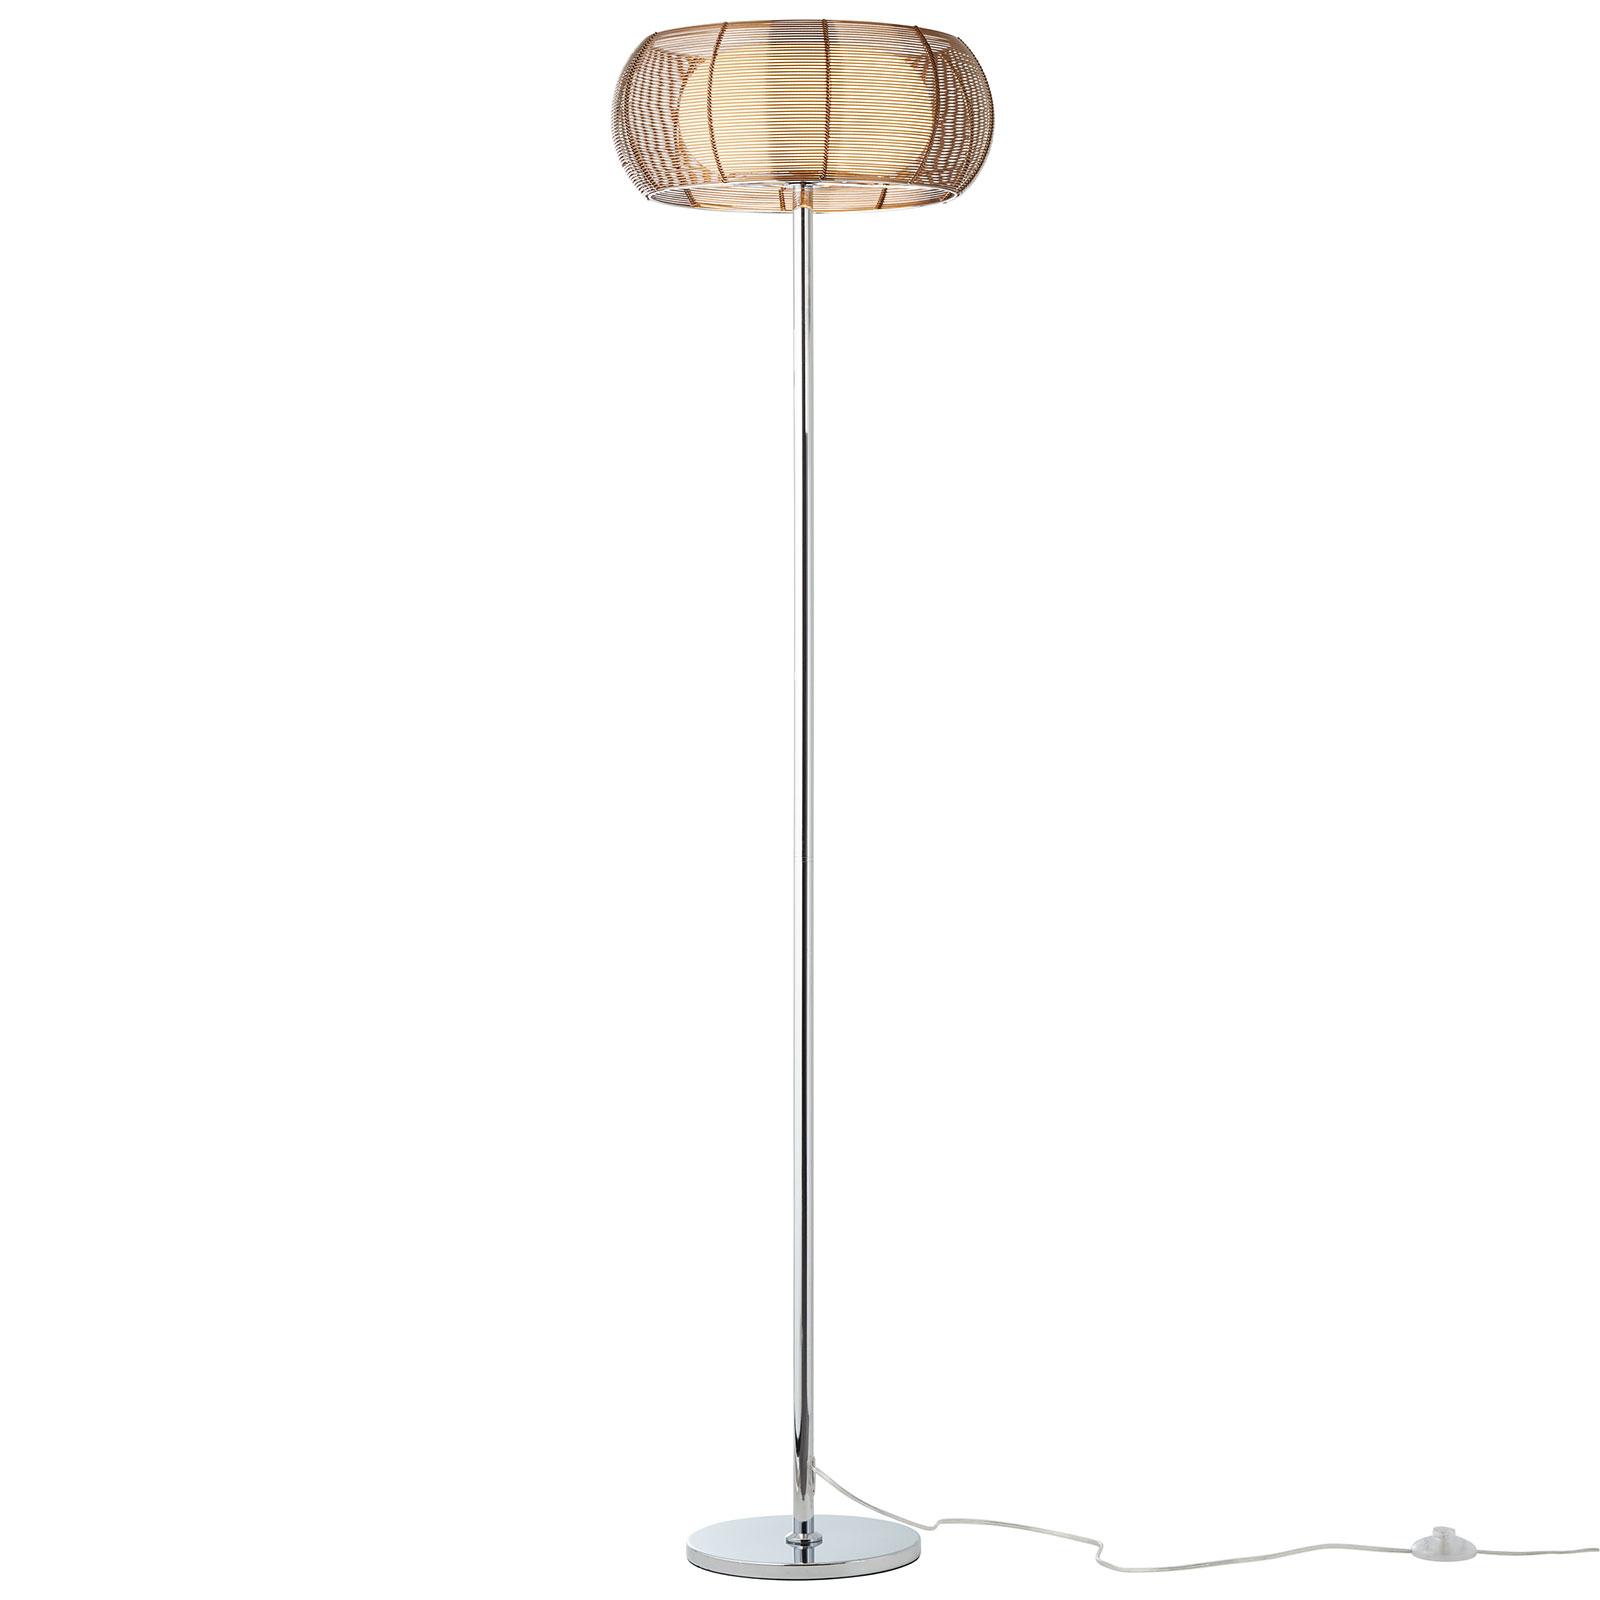 Vloerlamp Relax met edele metaal-kap